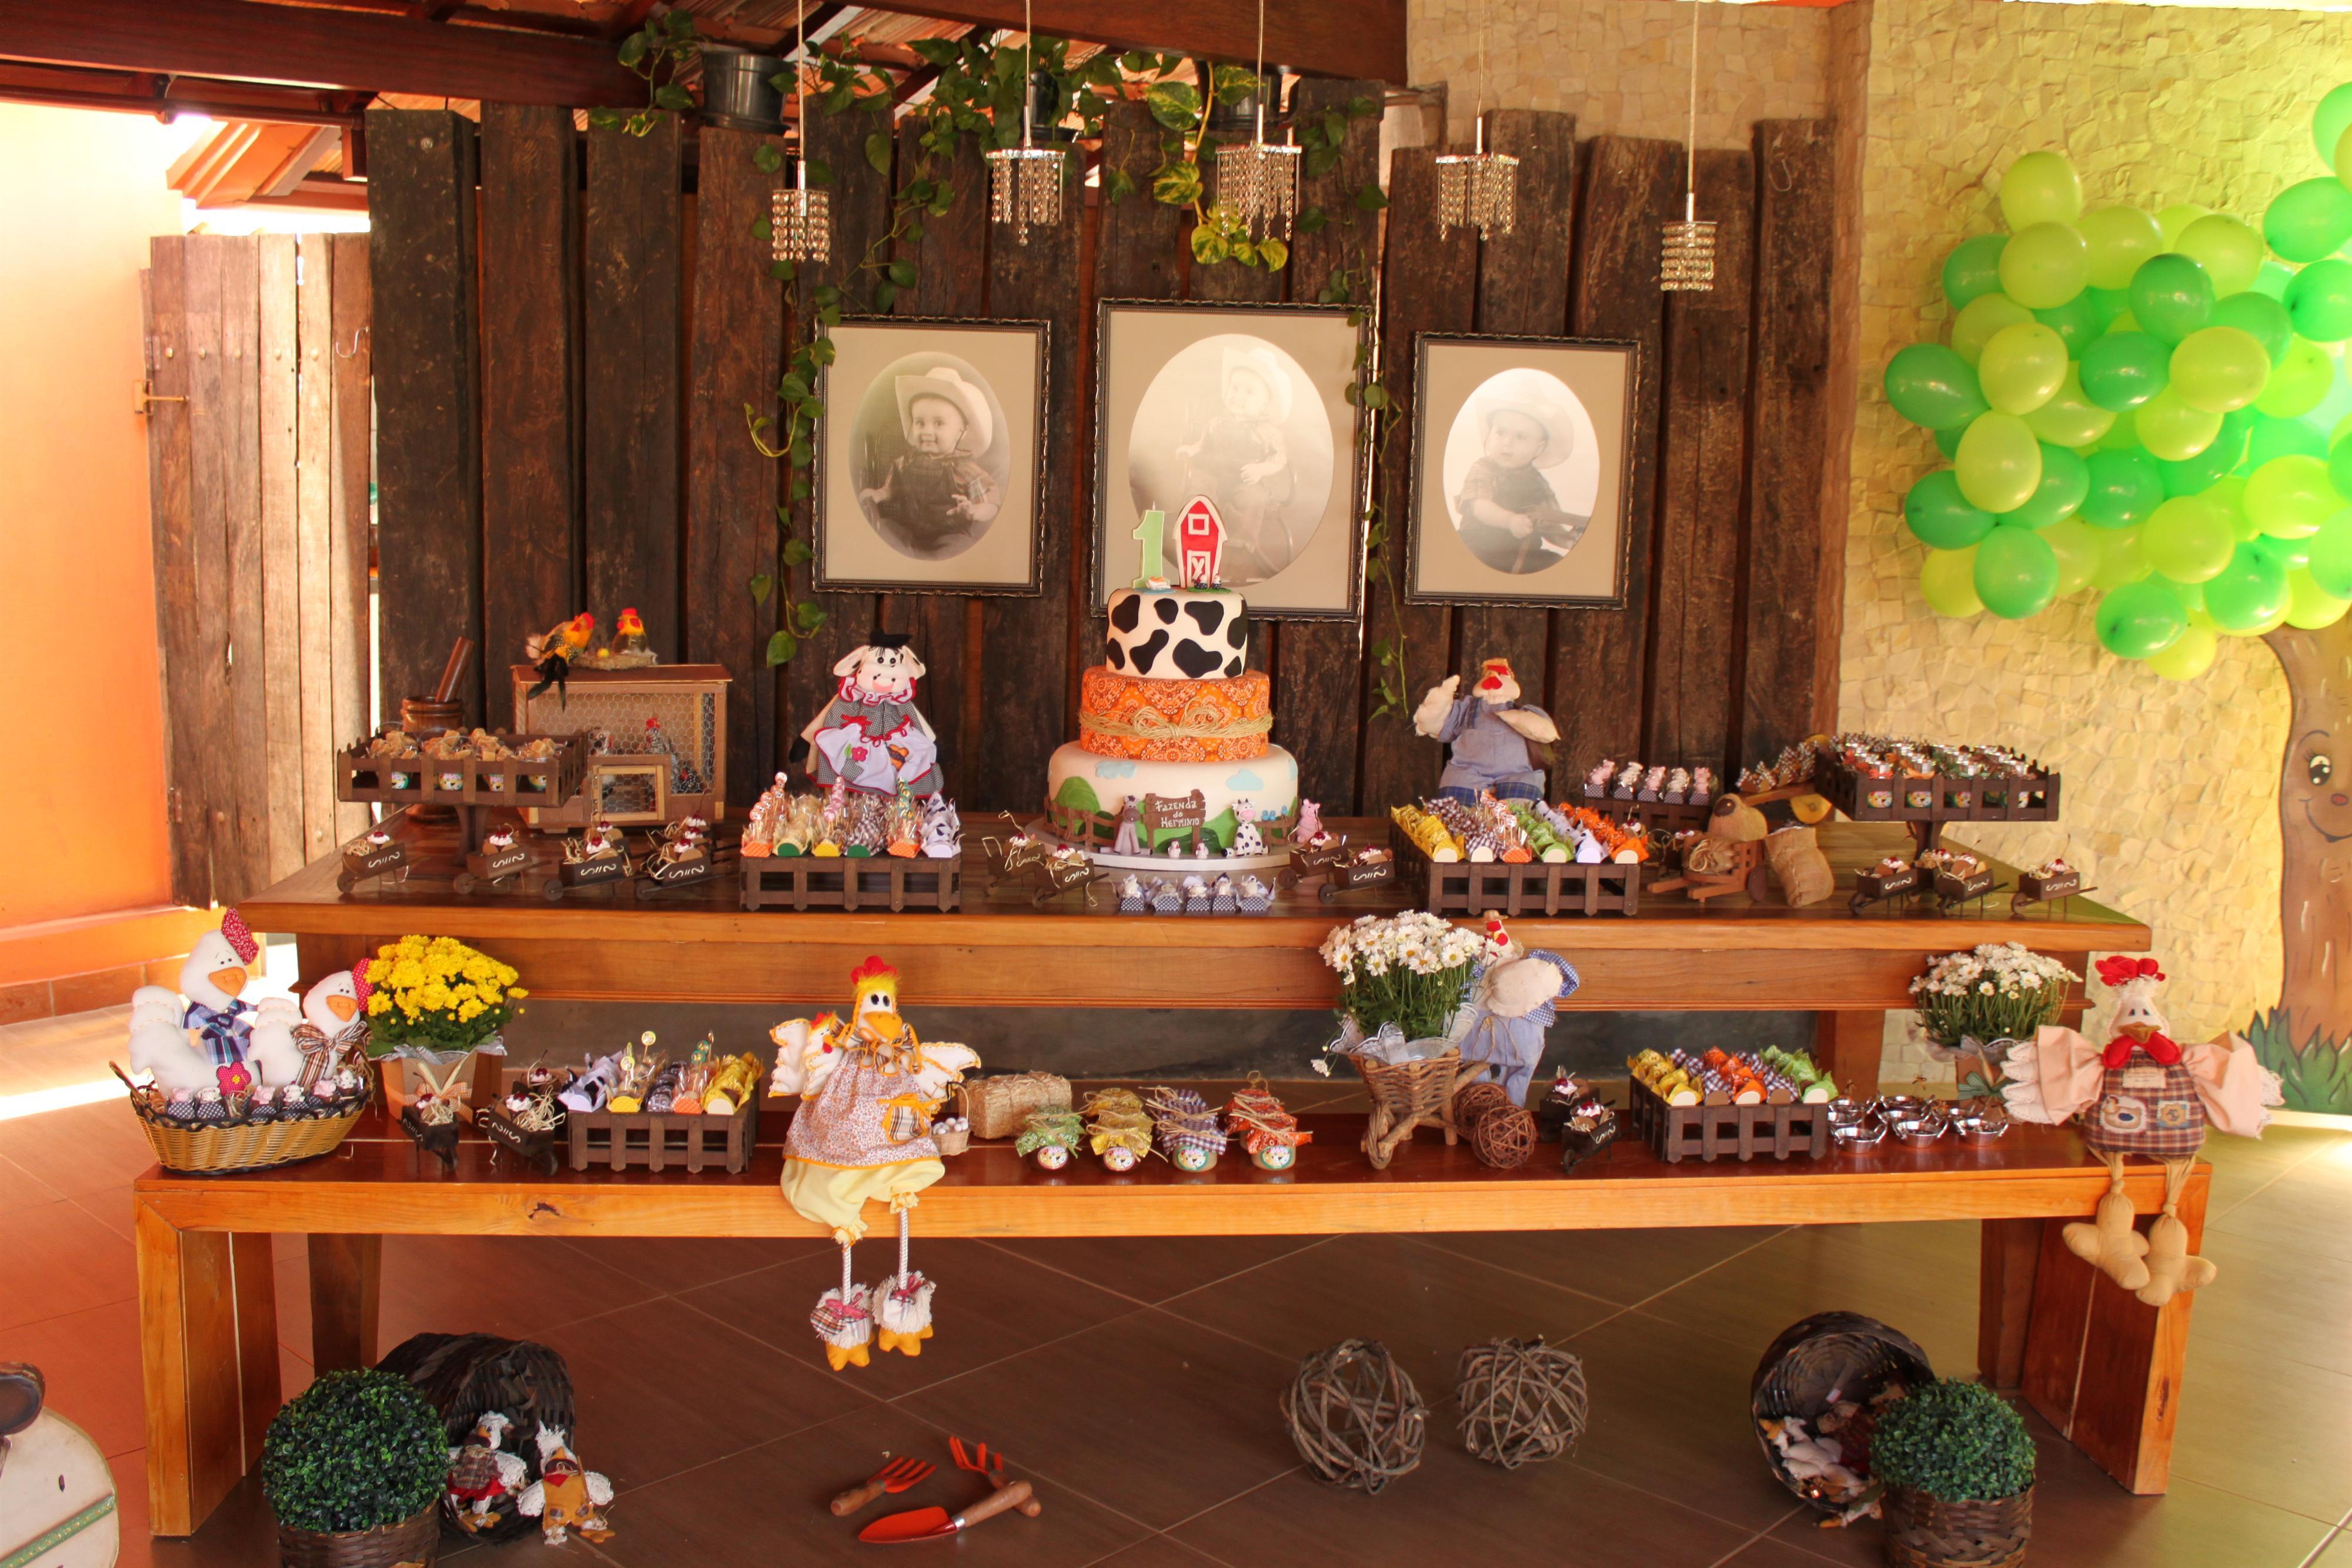 decoracao alternativa para festa infantil : decoracao alternativa para festa infantil:Adorei o convite, super criativo!!!!